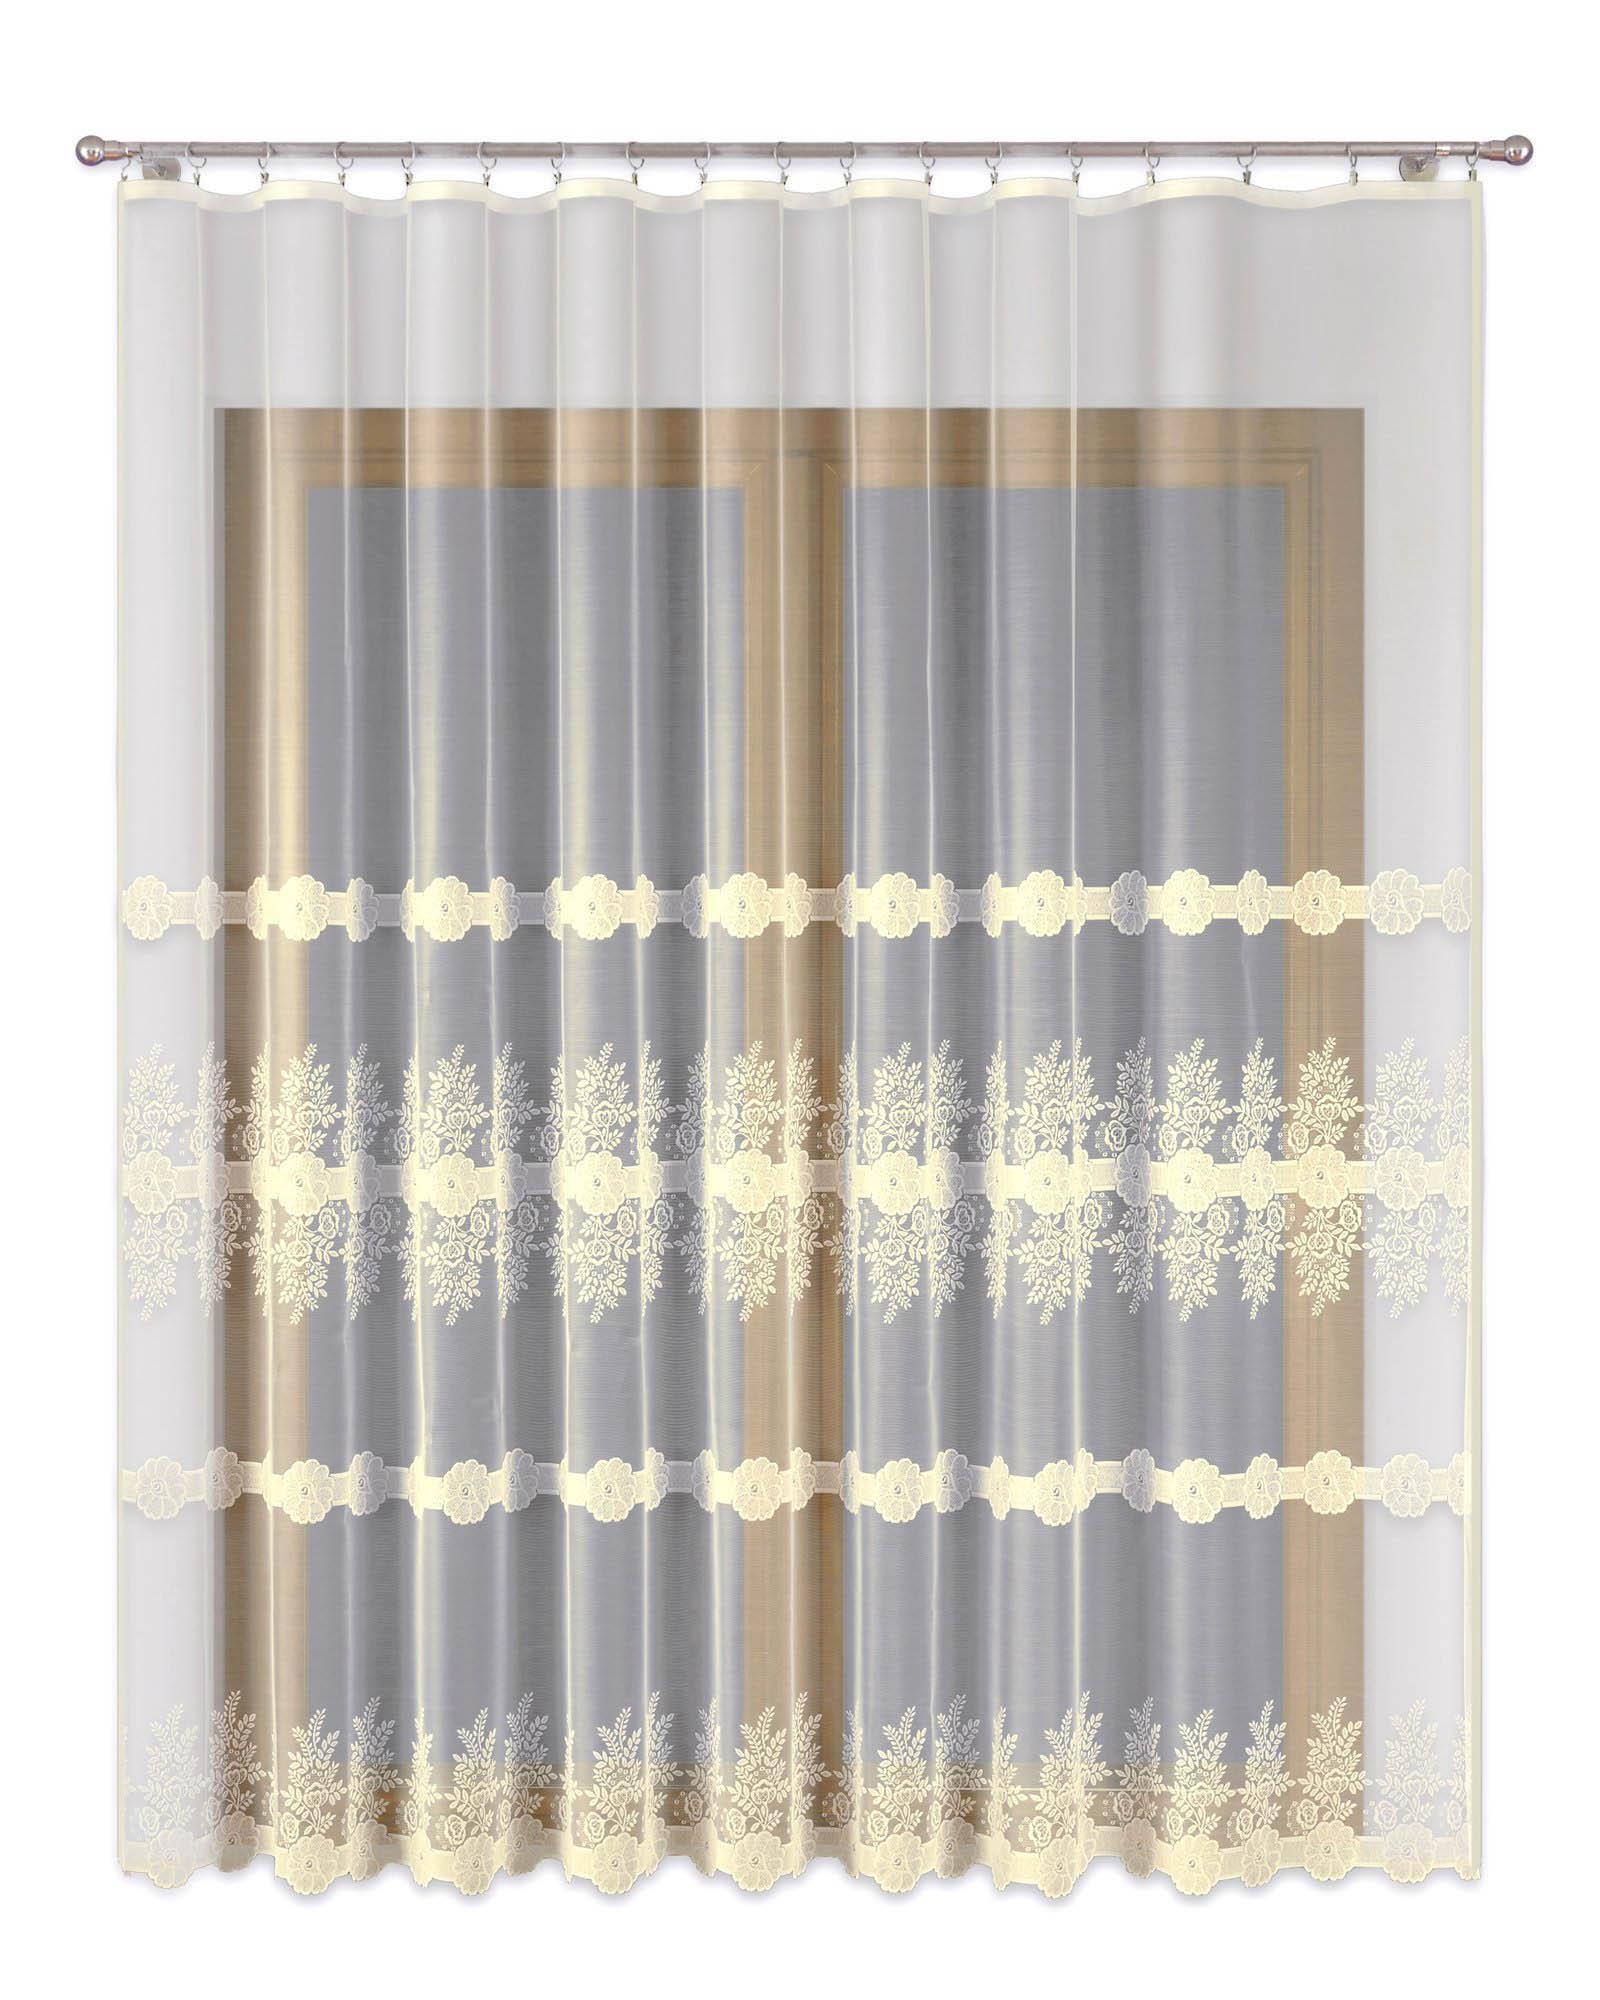 Шторы Primavera Классические шторы Justine Цвет: Кремовый шторы primavera классические шторы luvinia цвет кремовый